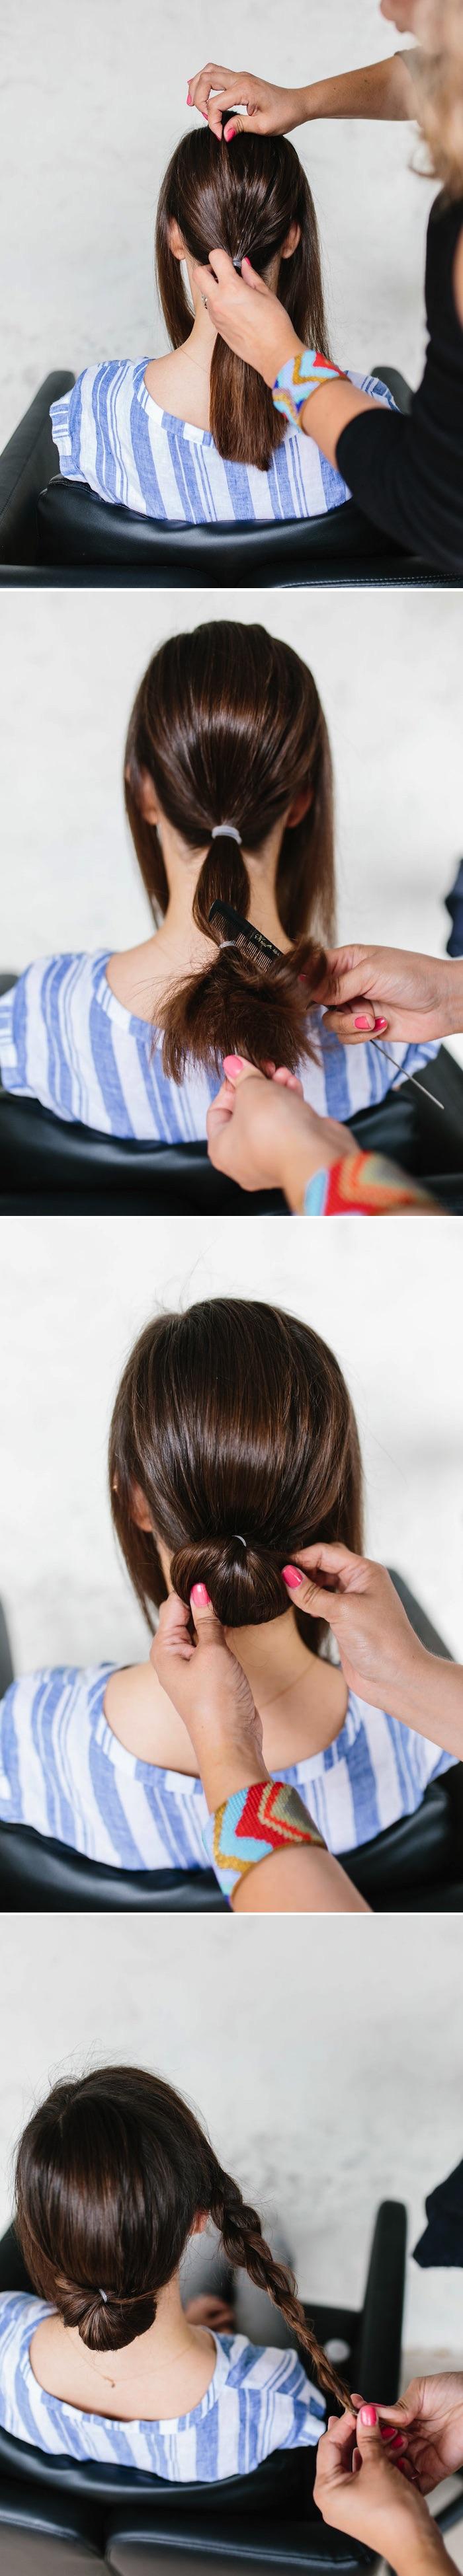 schöne frisuren zum nachstylen, frisuren für mittellange haare, dutt-frisur